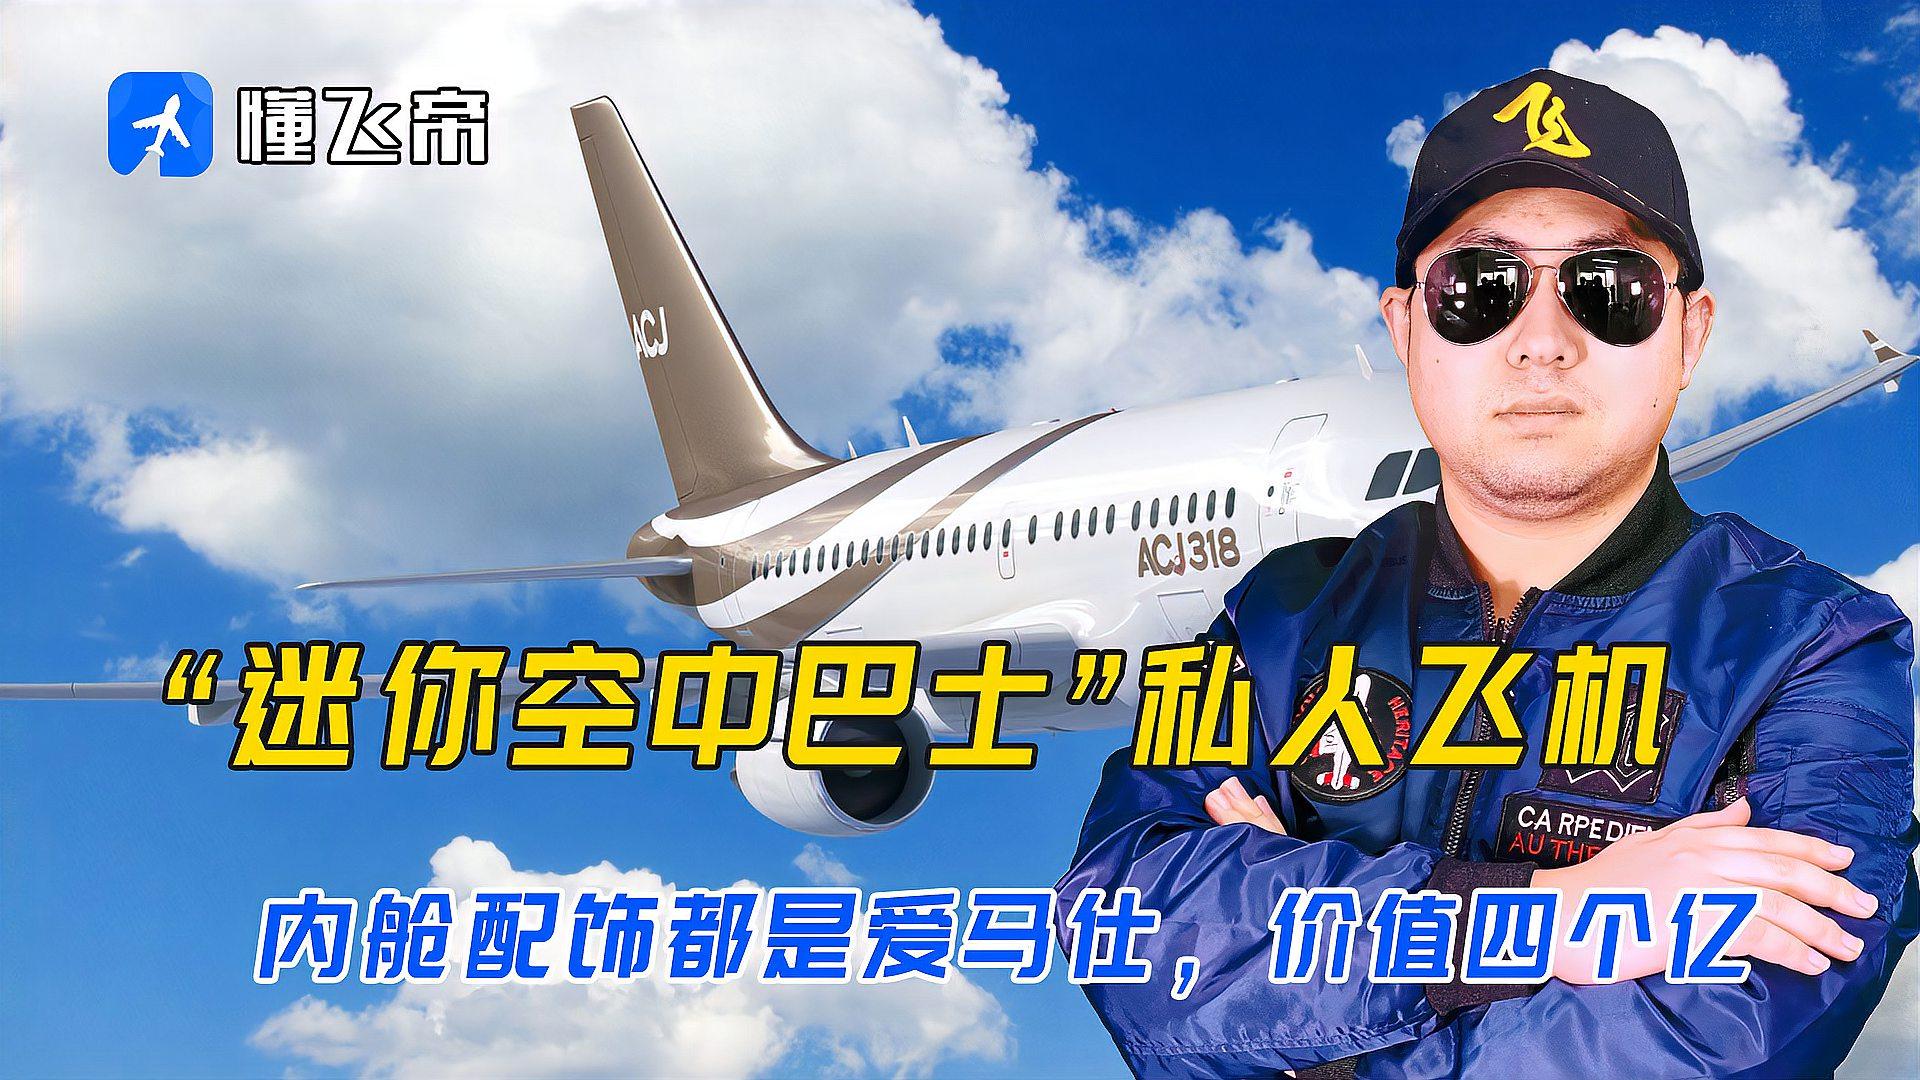 """""""迷你空中巴士""""私人飞机,内舱配饰都是爱马仕,价值四个亿"""